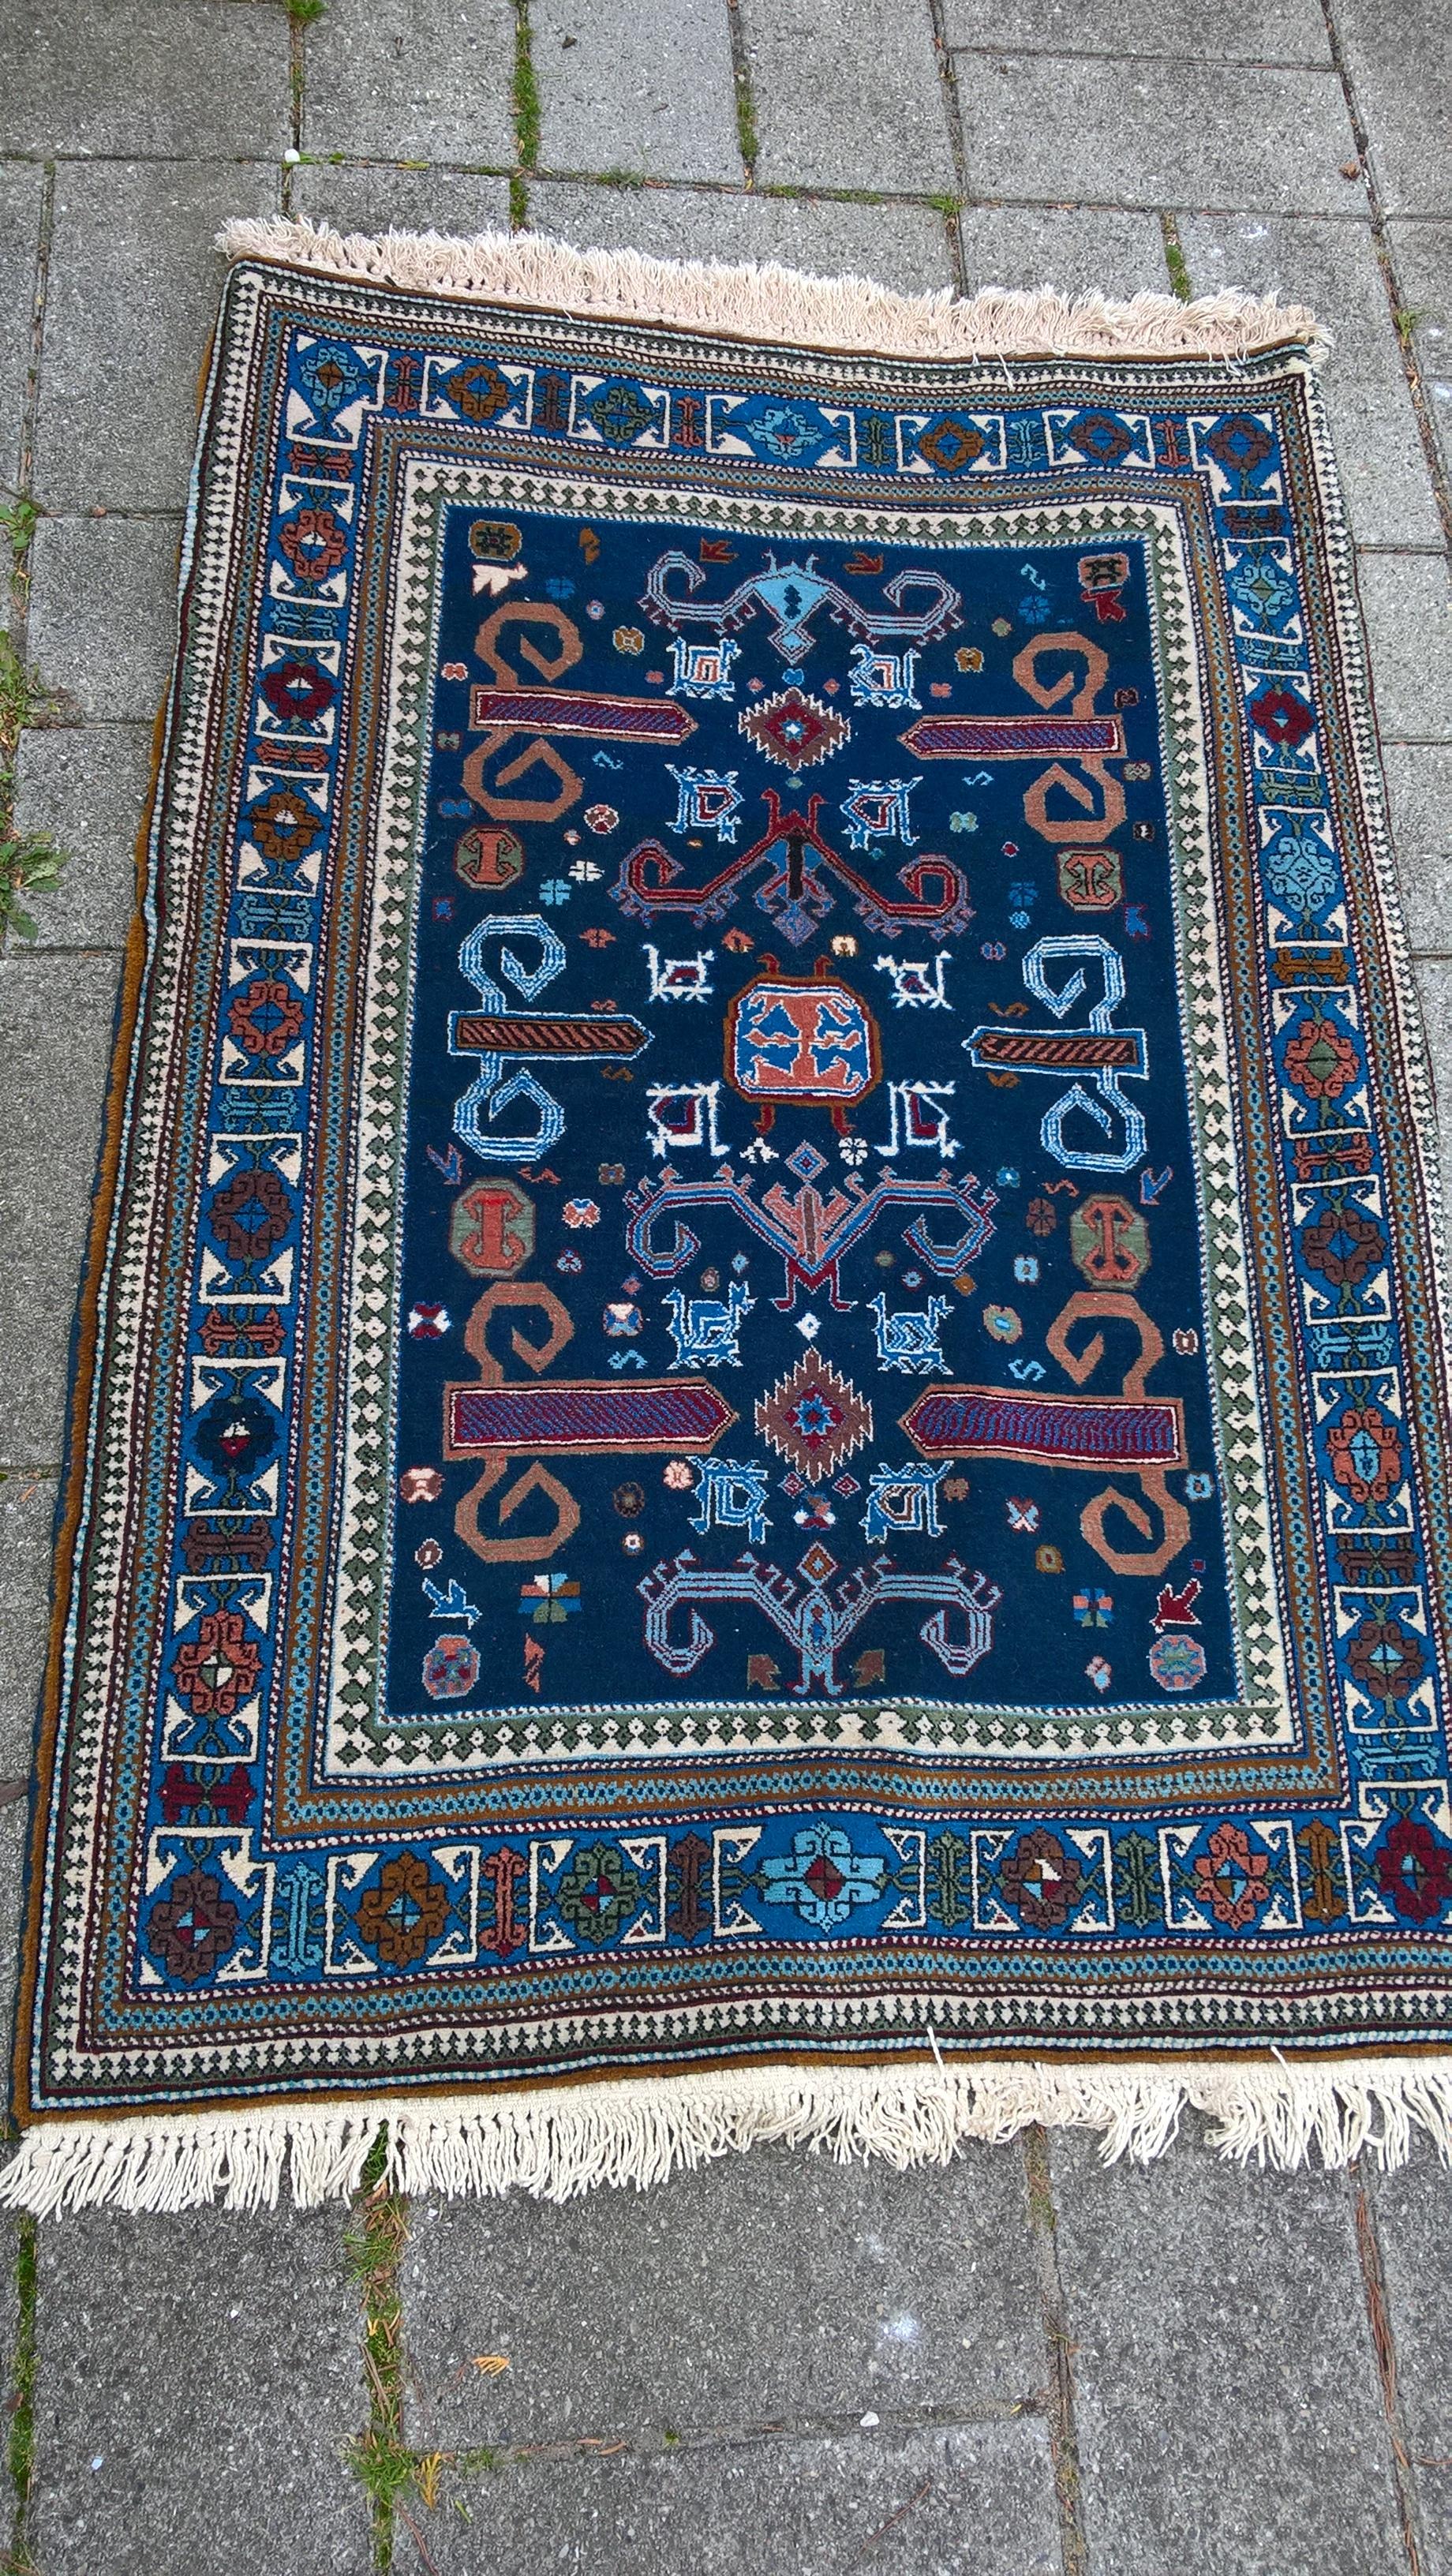 Ægte Persisk tæppe Shirwan Mål 145 x 101 cm Tæppe kr. 2.900,- Varenr. Rug16-3460-02-blue